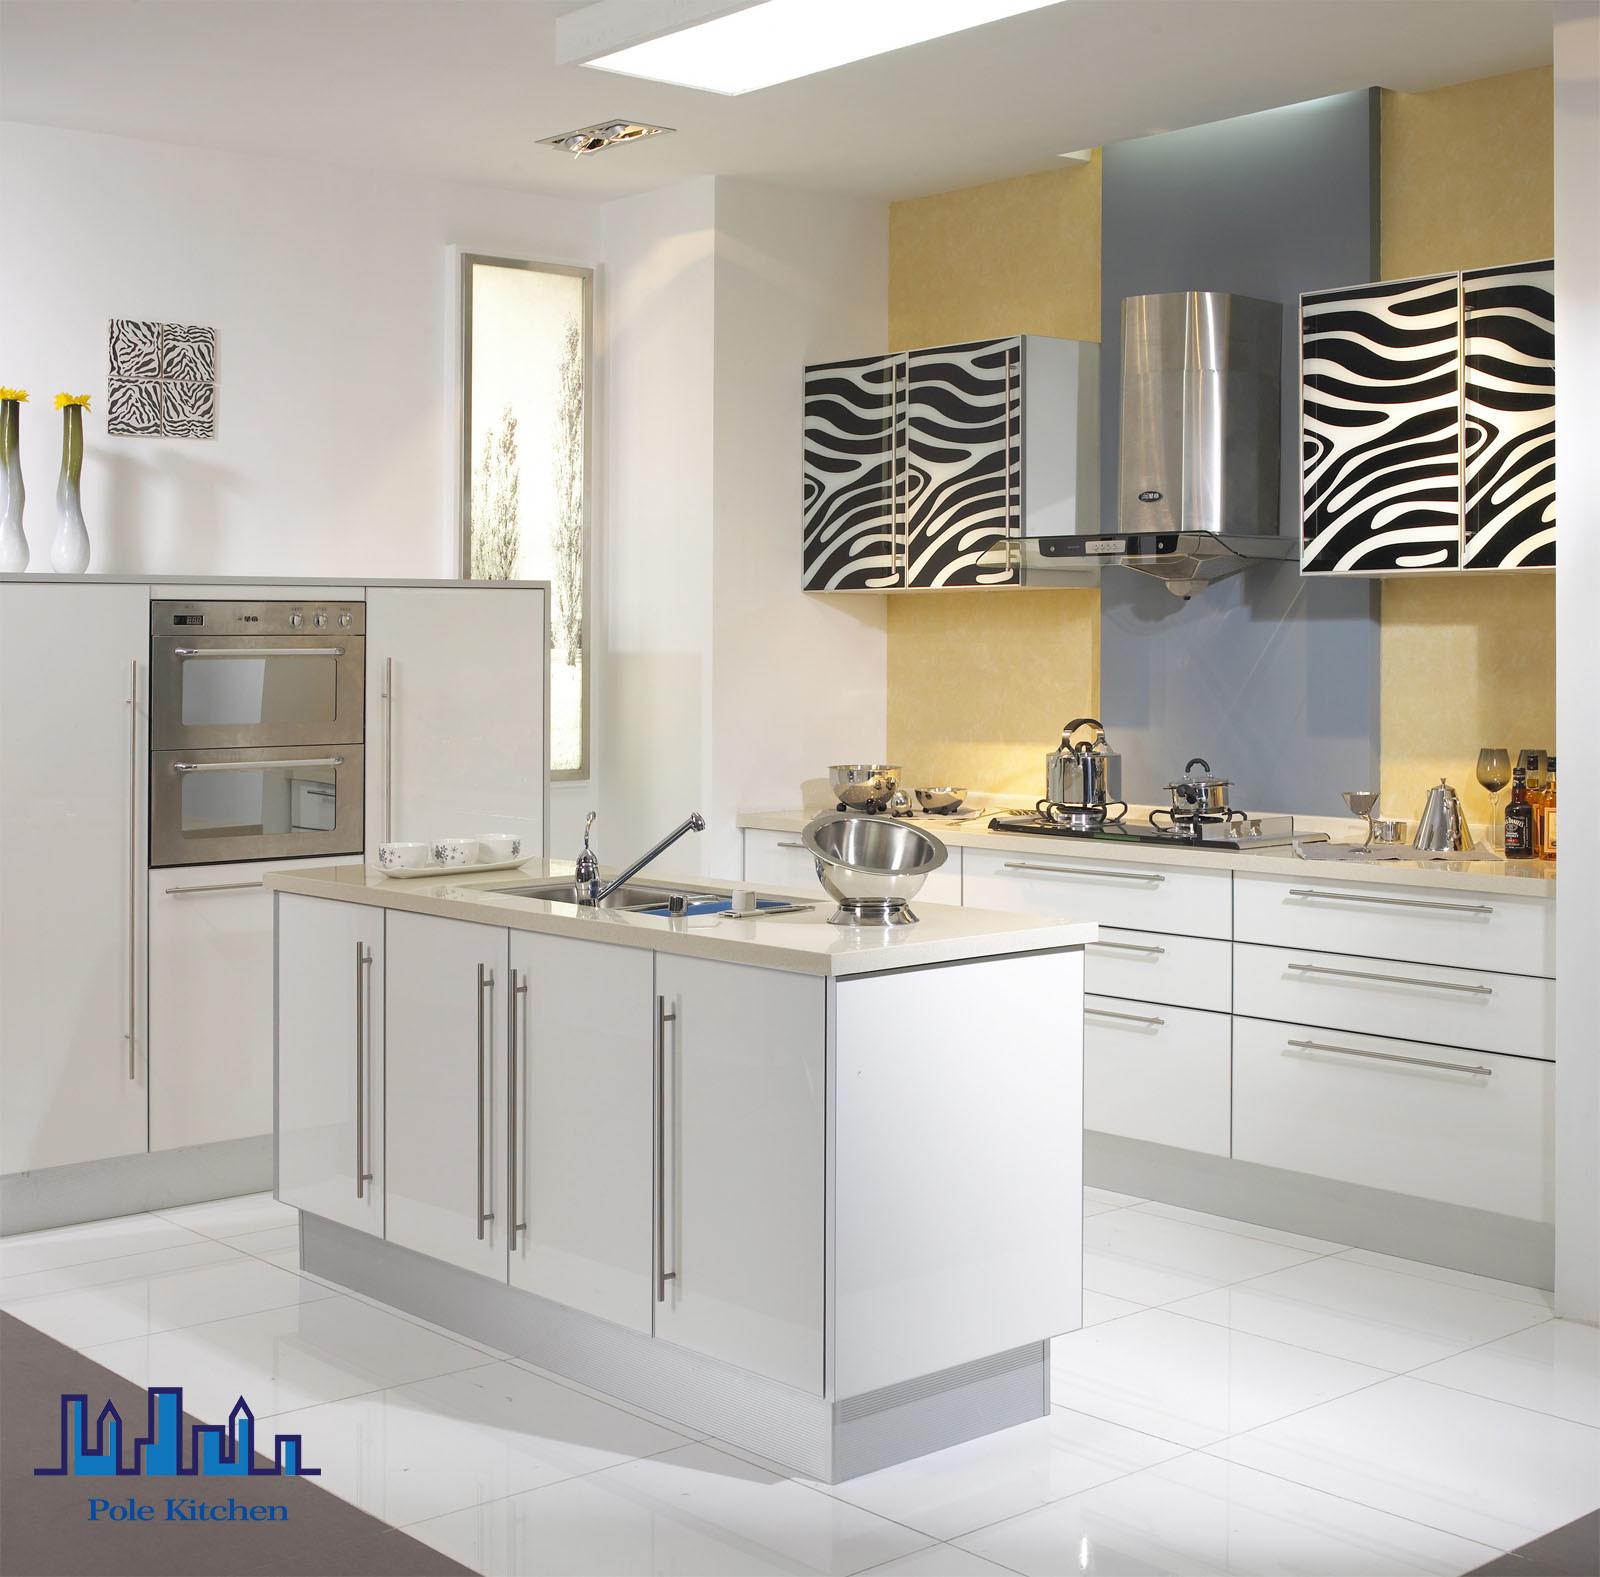 Foto de gabinete 2016 de cocina blanco del pvc de la isla for Gabinetes de cocina 2016